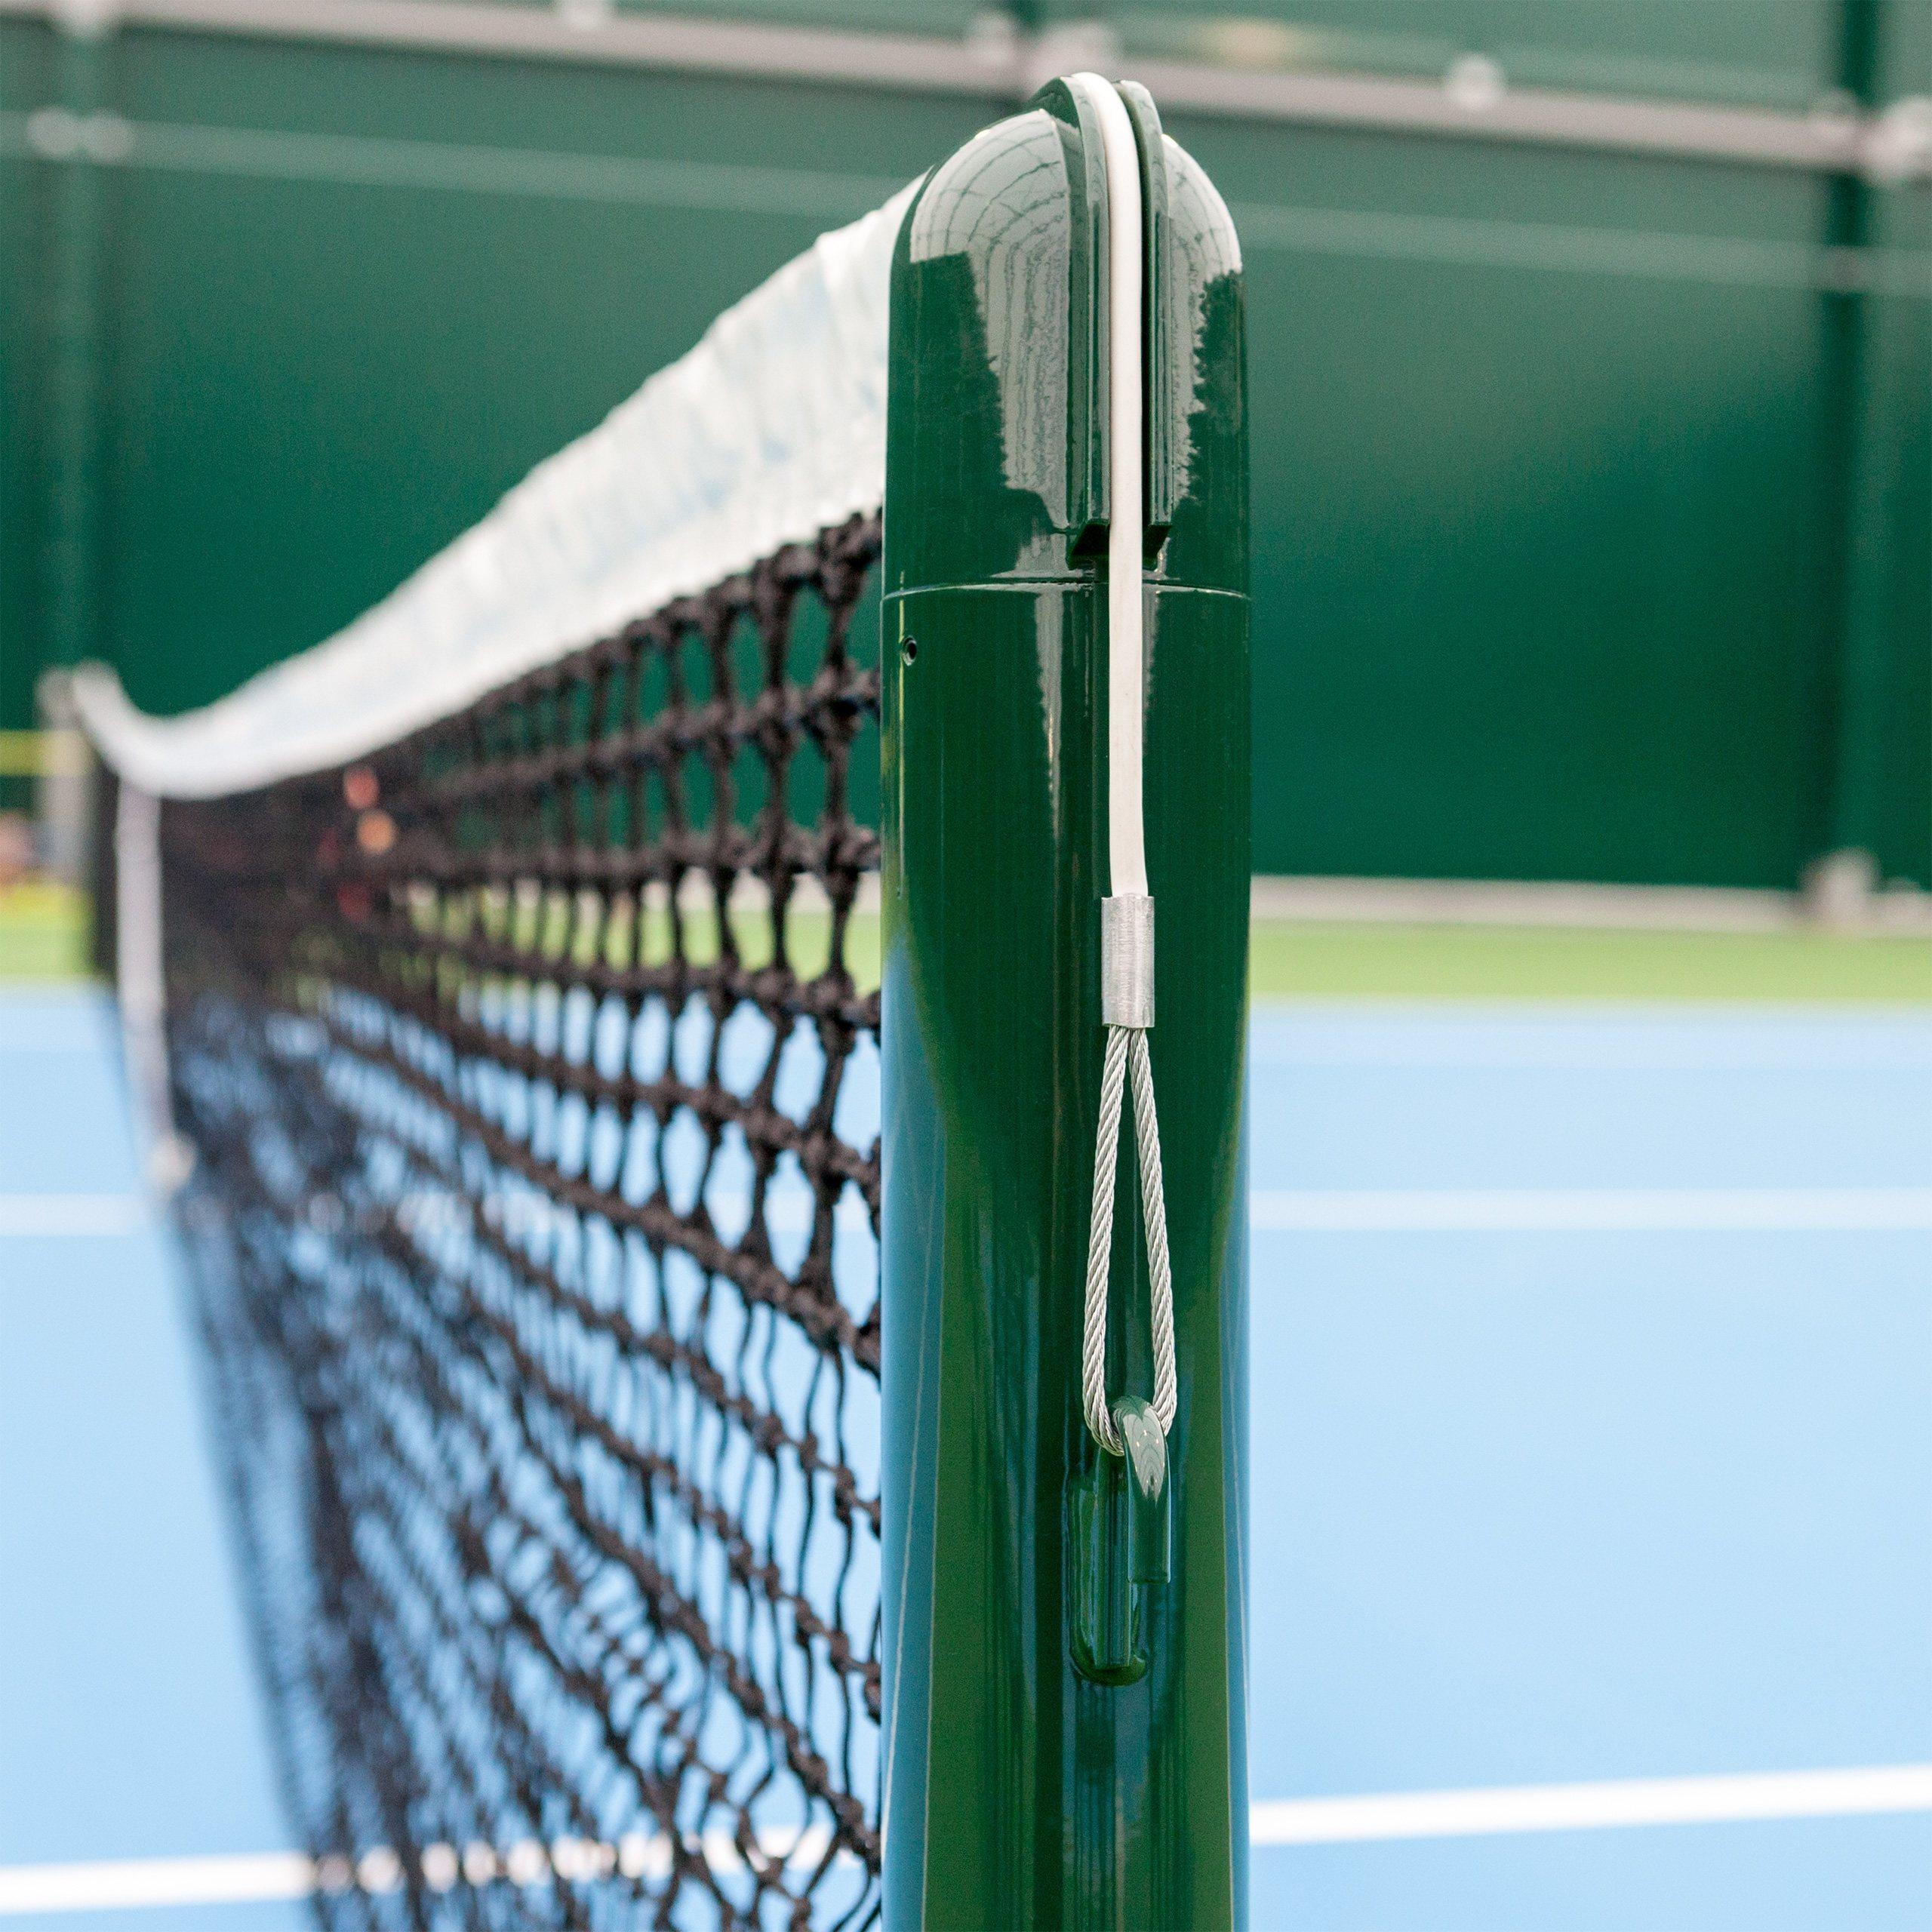 Vermont Round Tennis Posts